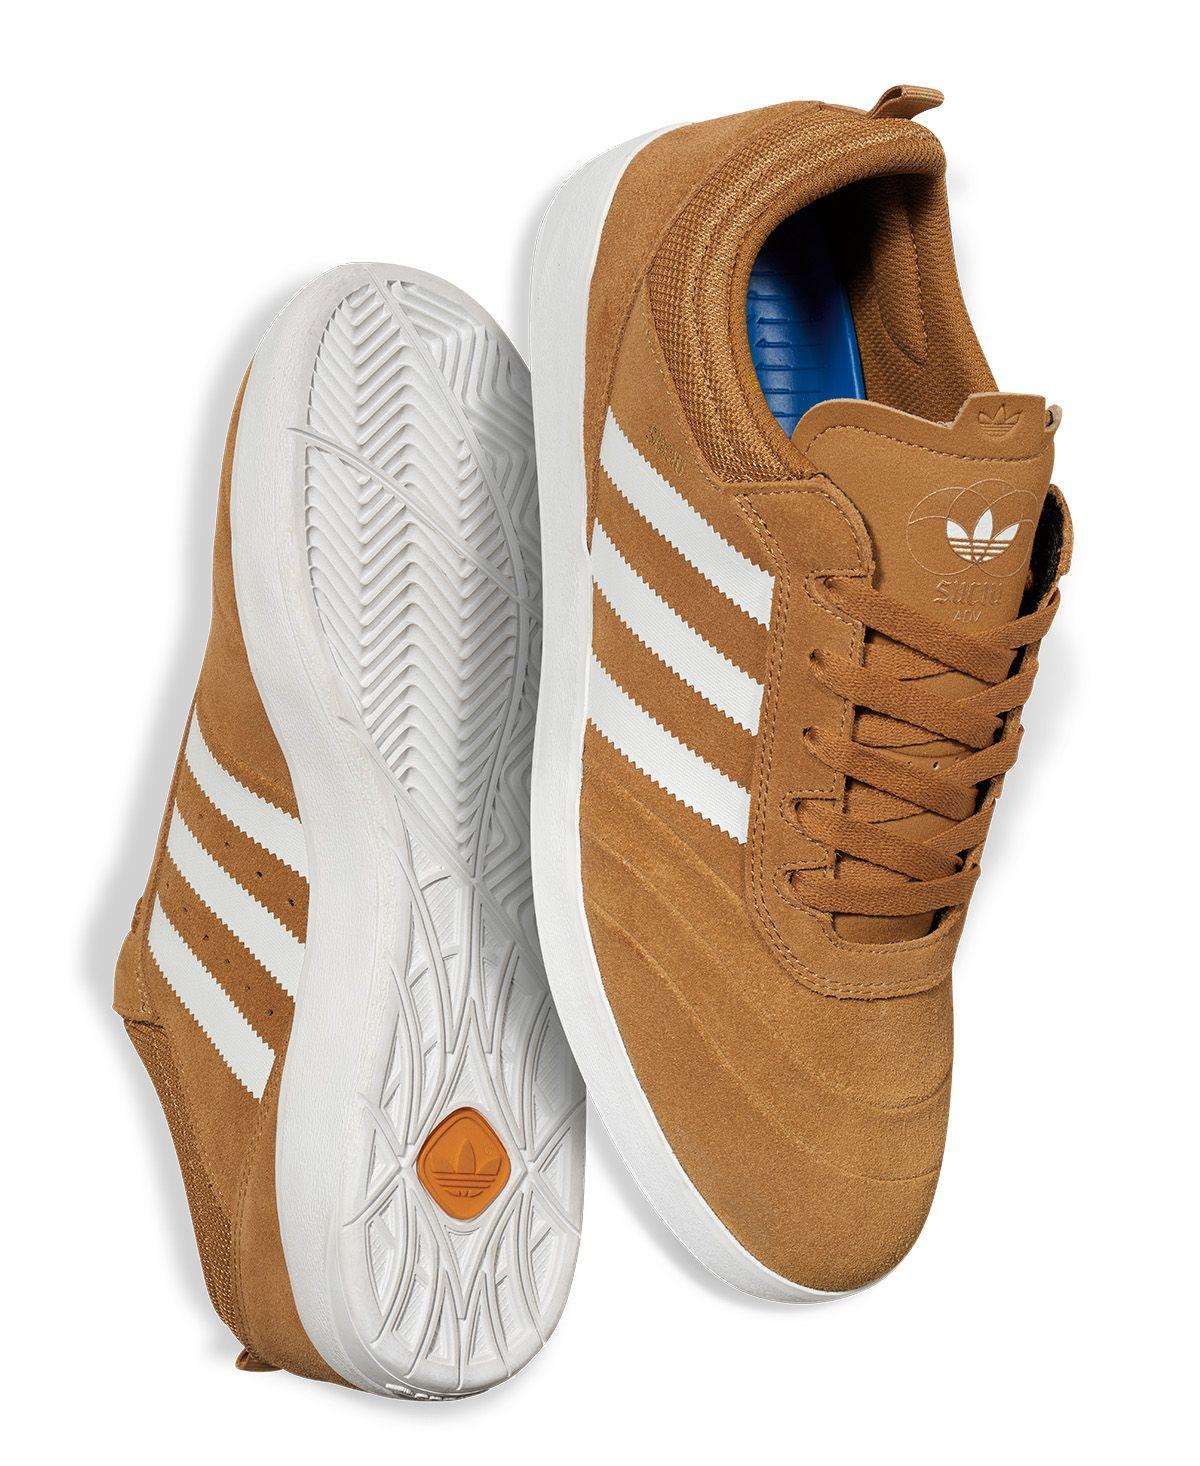 nuevo estilo comprar oficial precio razonable adidas Skateboarding Introduces Pro Model for Mark Suciu | Adidas ...